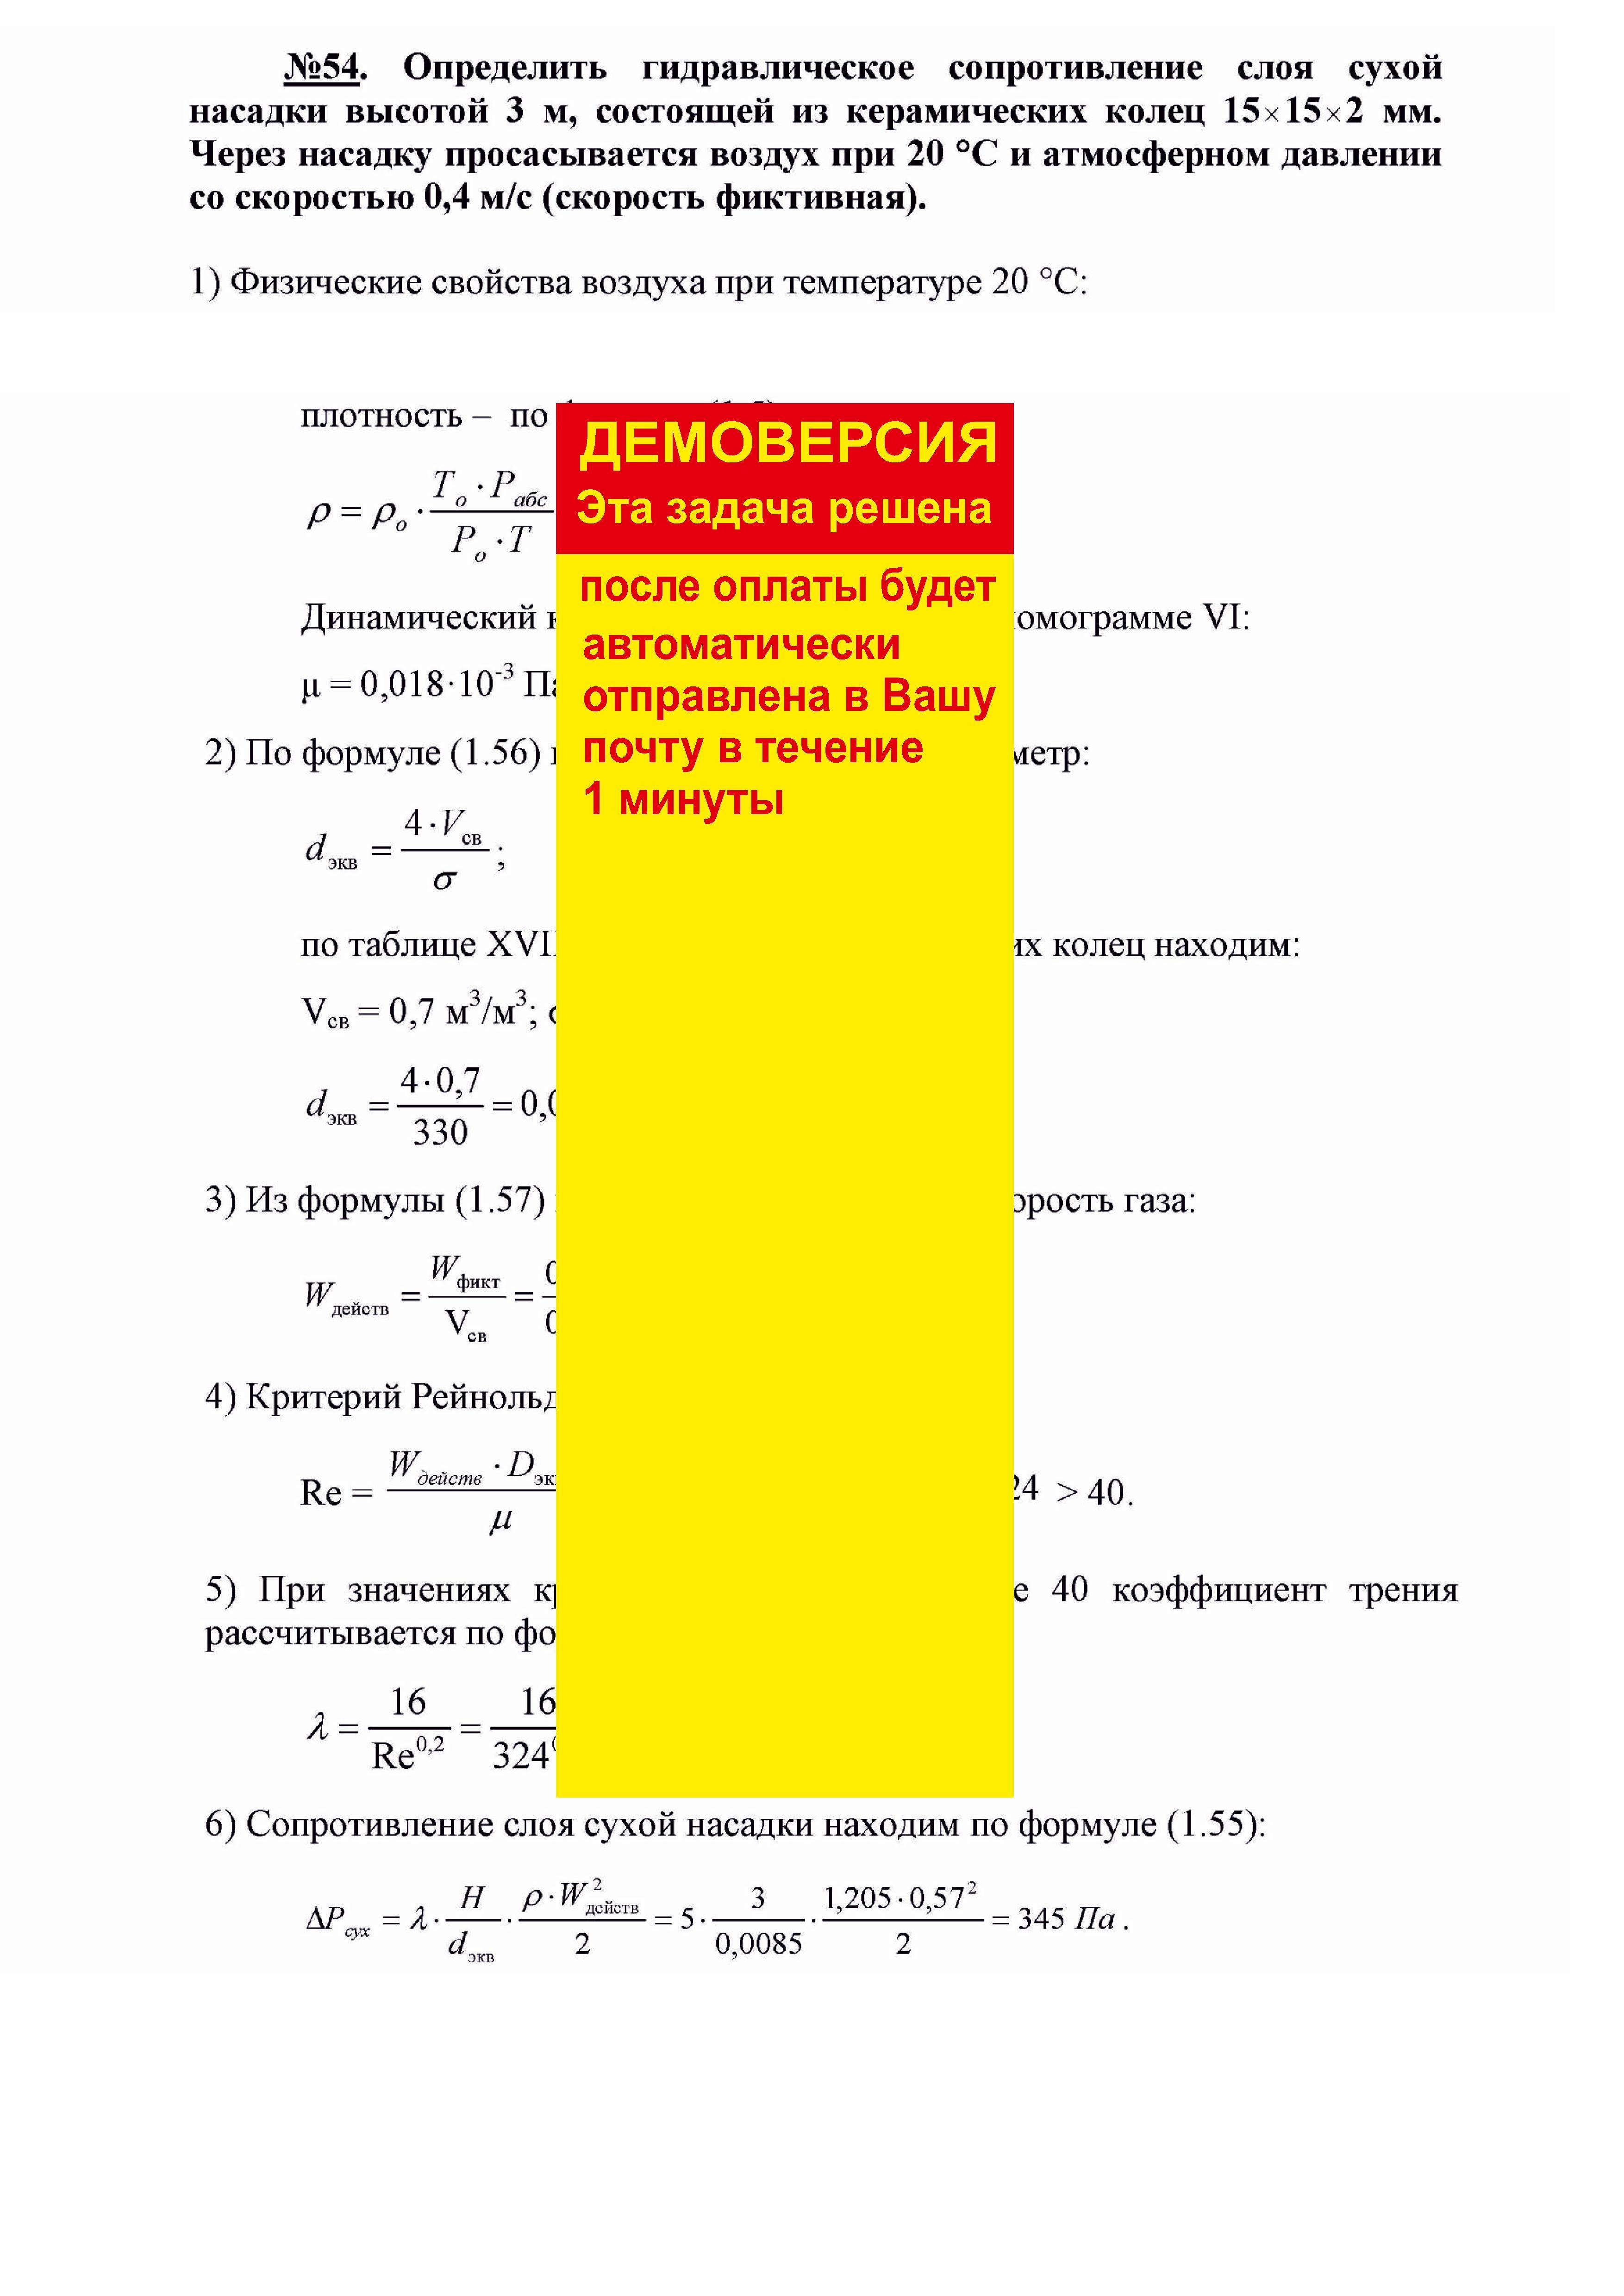 Решение задачи 1.54 по ПАХТ из задачника Павлова Романкова Носкова